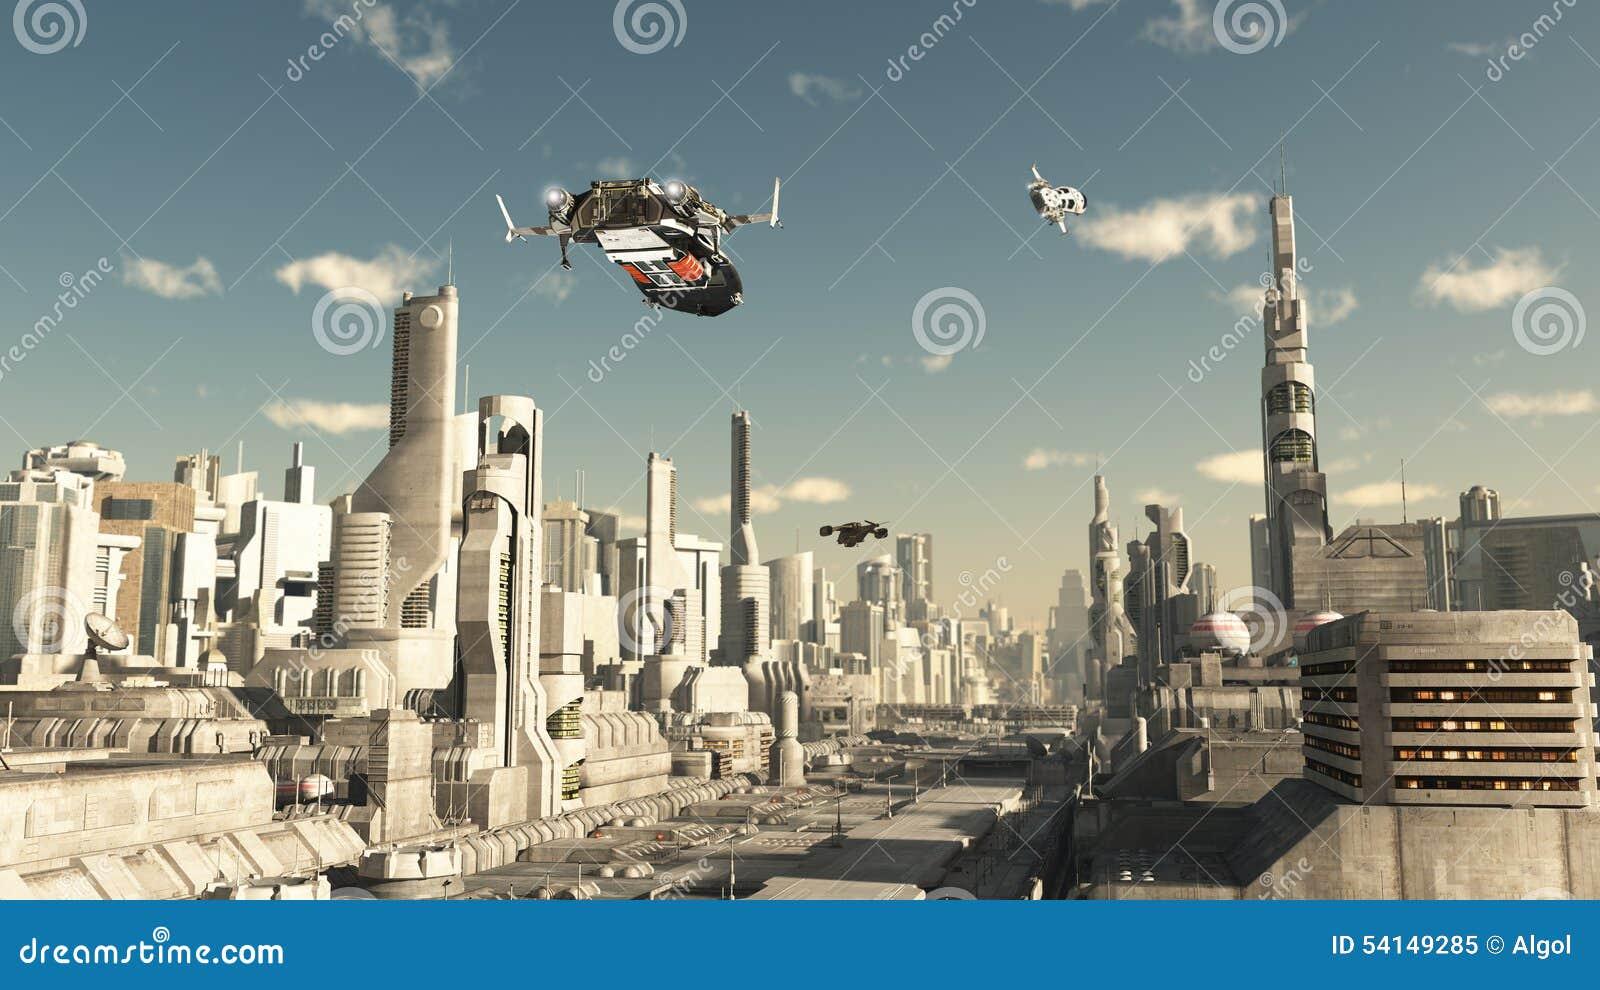 Σκάφος ανιχνεύσεων που προσγειώνεται σε μια μελλοντική πόλη